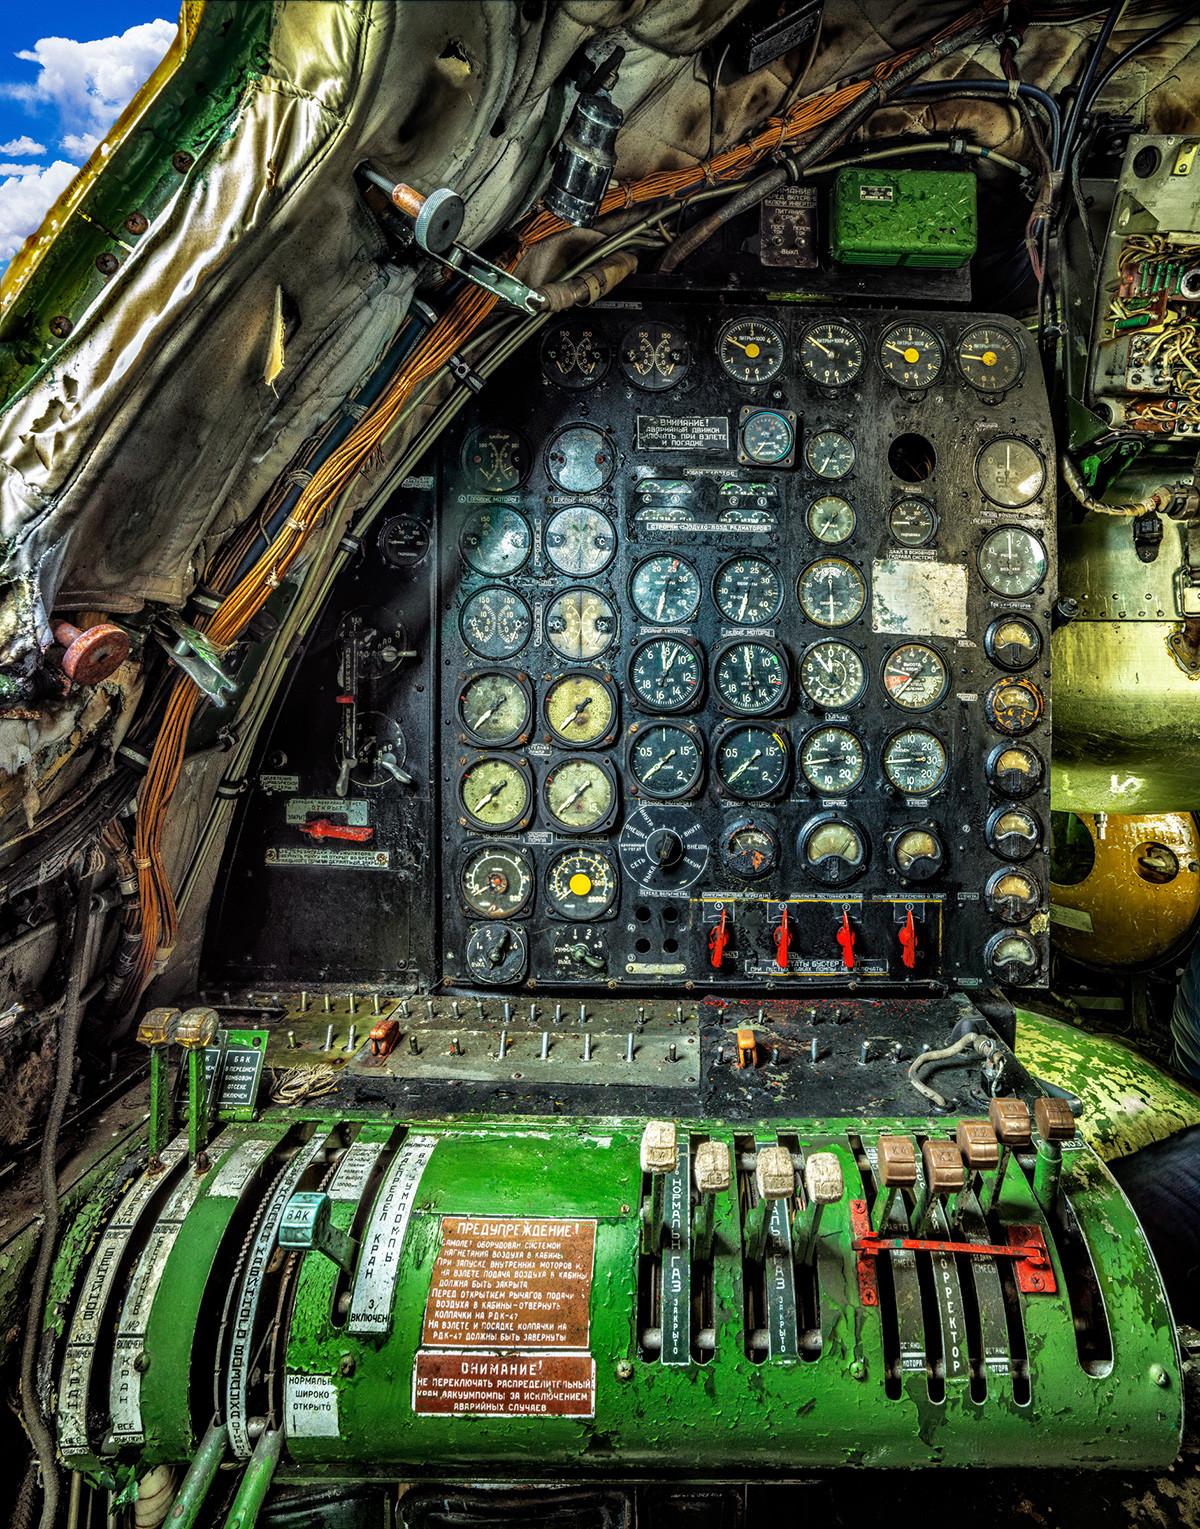 The Tupolev Tu-4